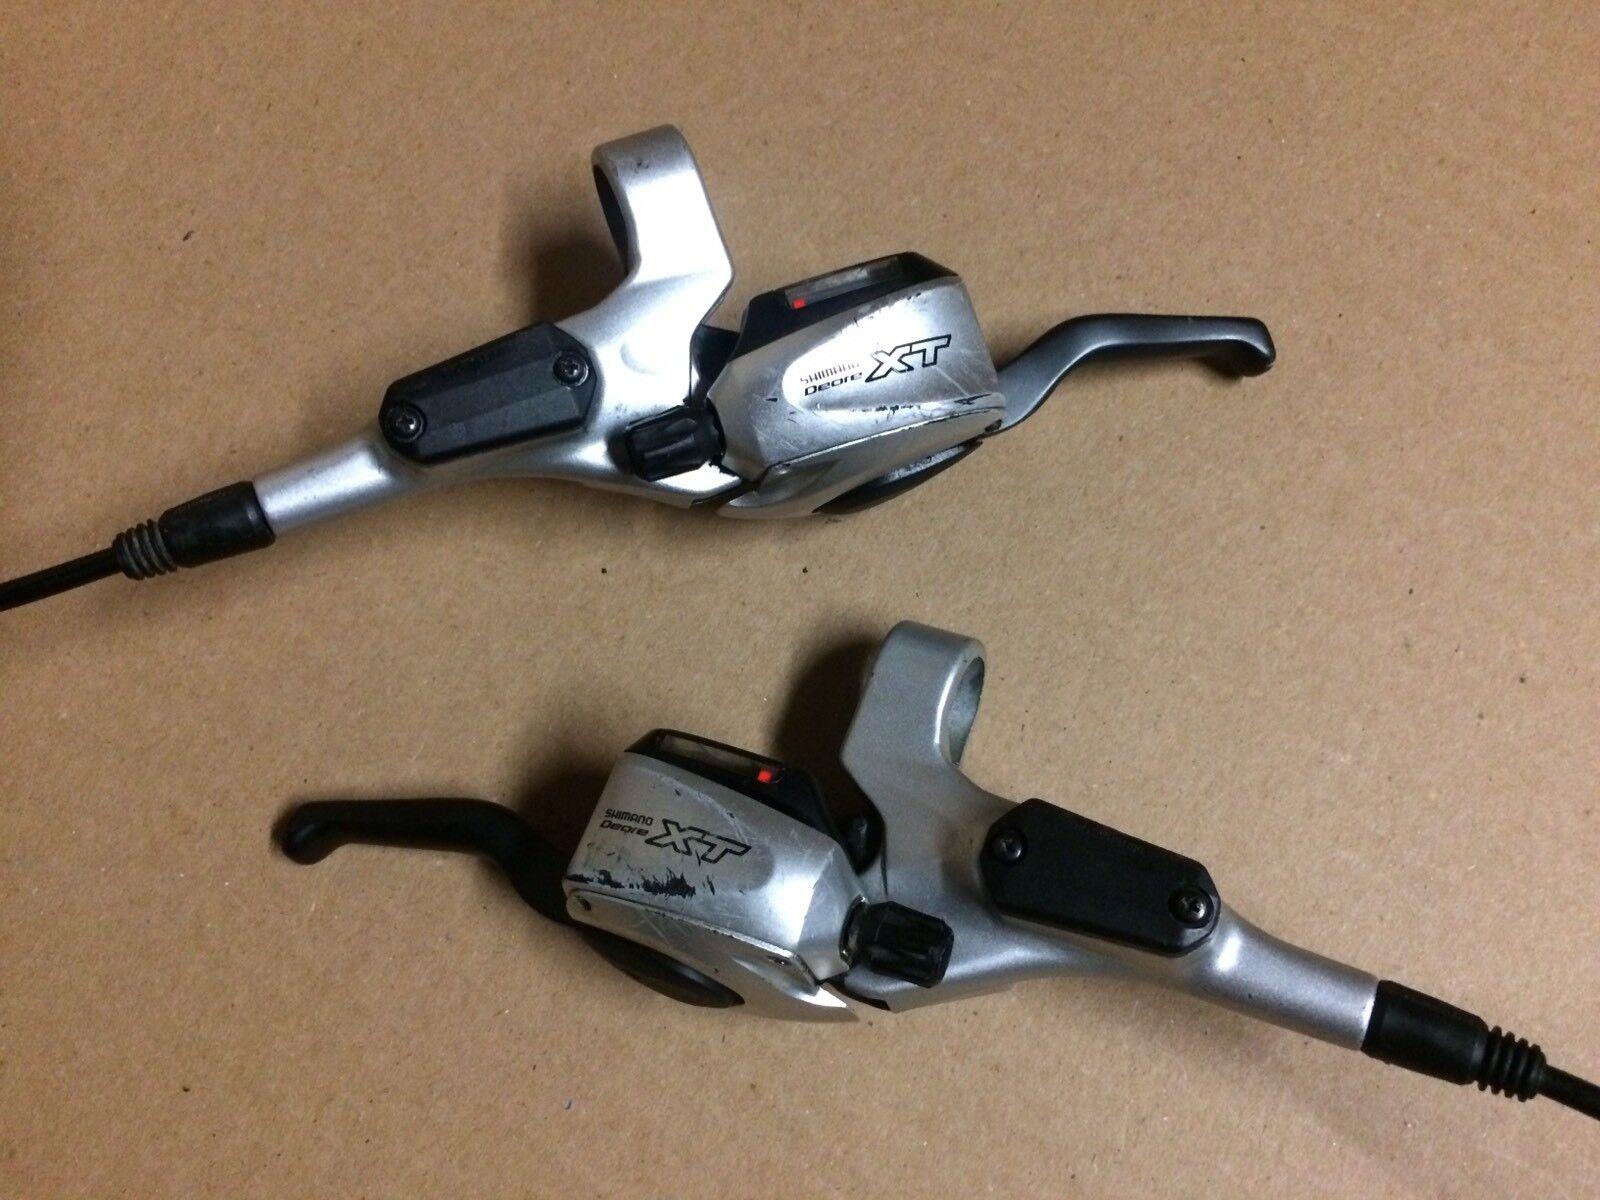 Shimano Deore XT ST-M765 Dual Control Hydraulic Disc Brake Set & Shifters, 3x9